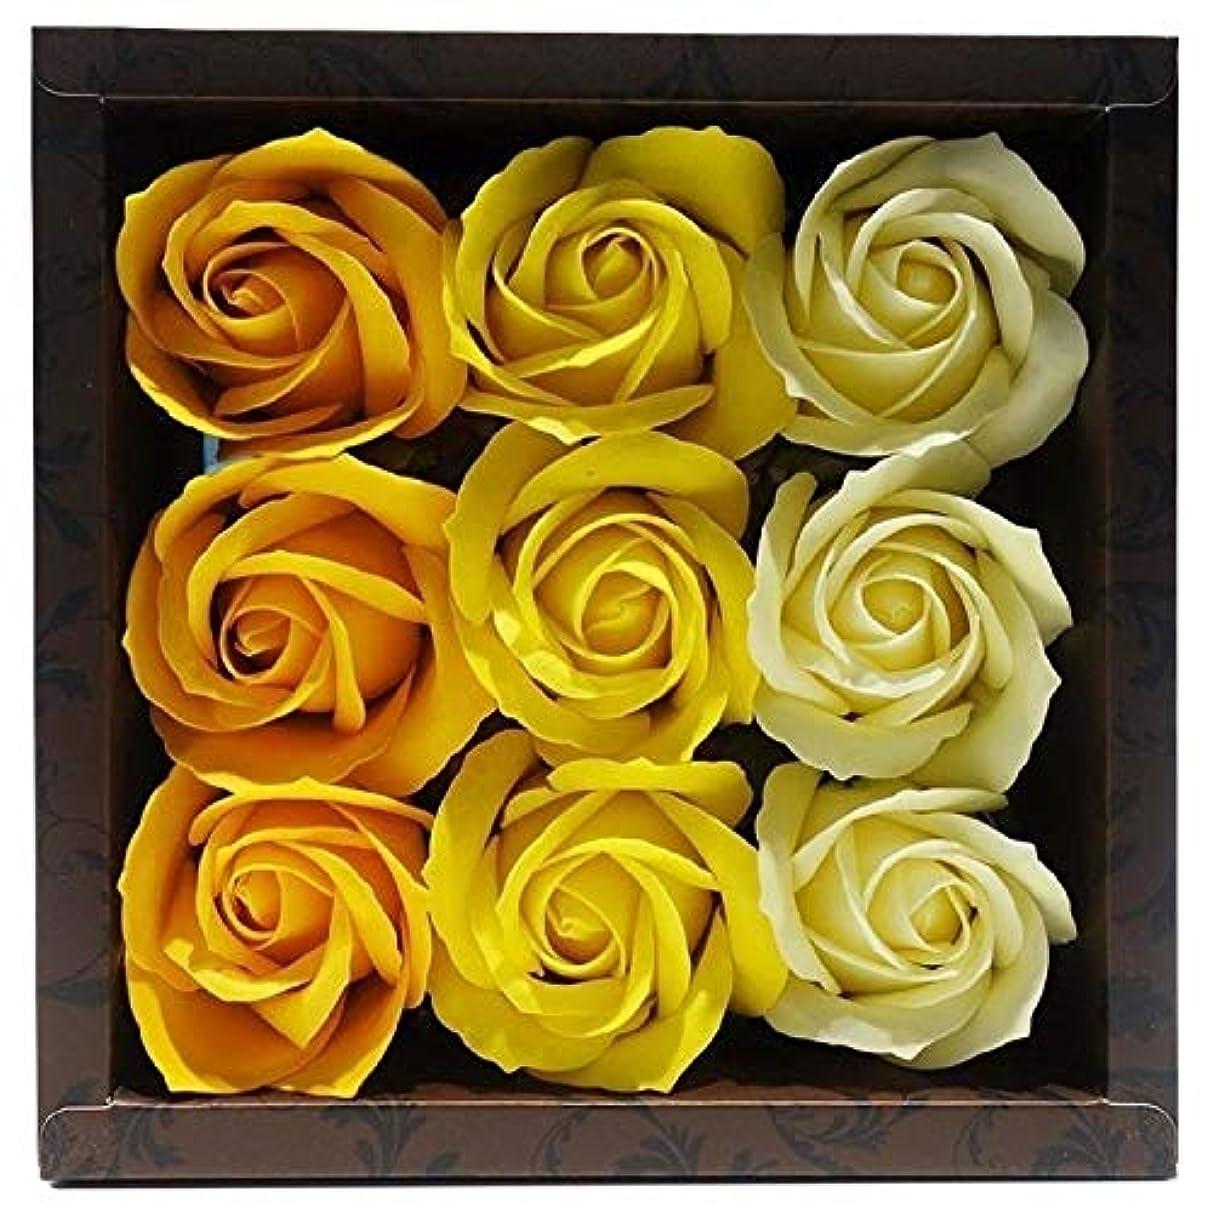 お金乳剤傀儡バスフレグランス バスフラワー ローズフレグランス イエローカラー ギフト お花の形の入浴剤